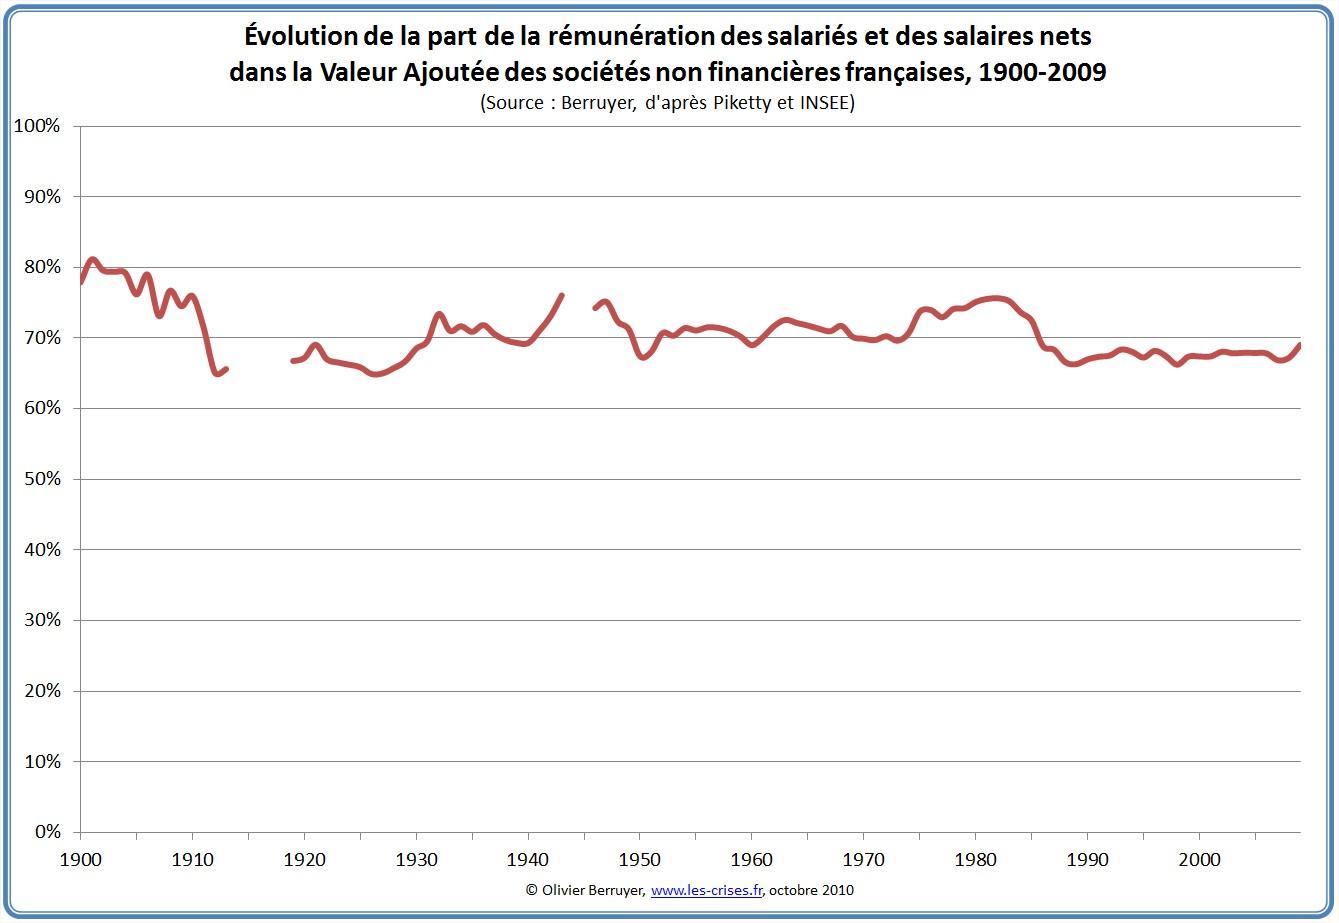 http://www.les-crises.fr/wp-content/uploads/2010/10/Valeur-ajoutee.jpg